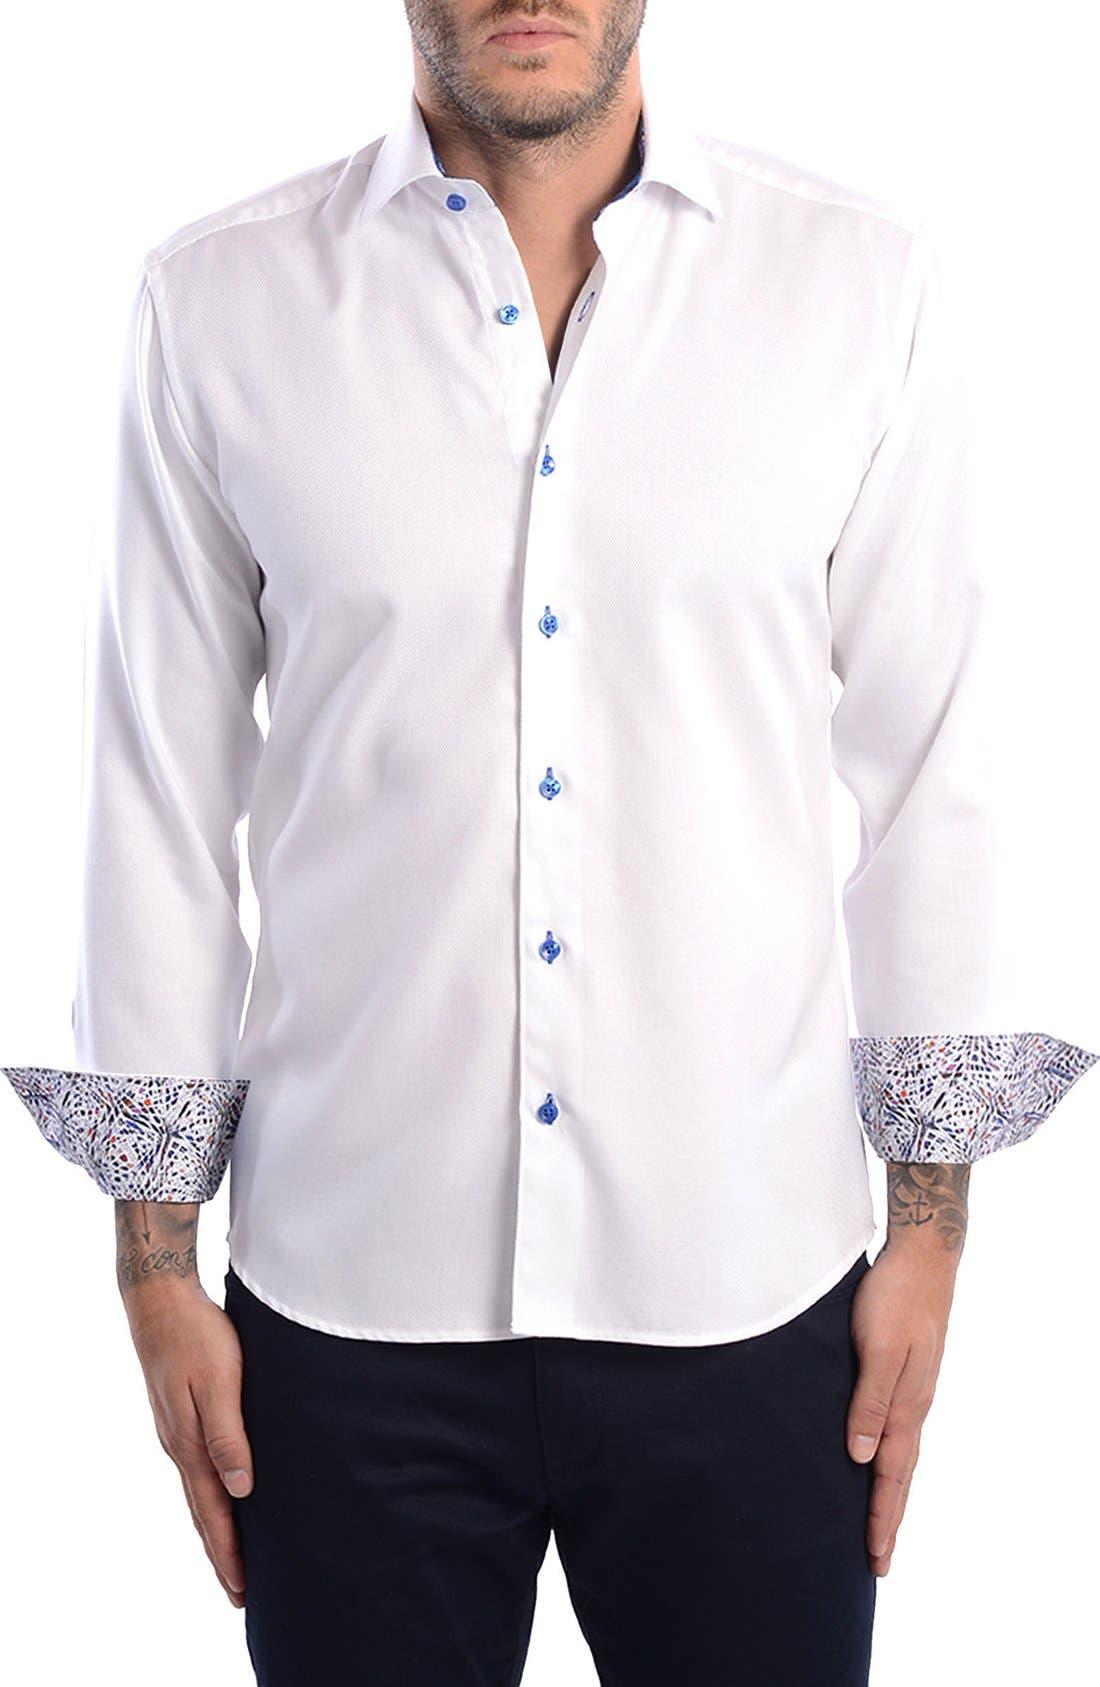 Bertigo White Arrow Dobby Modern Fit Sport Shirt